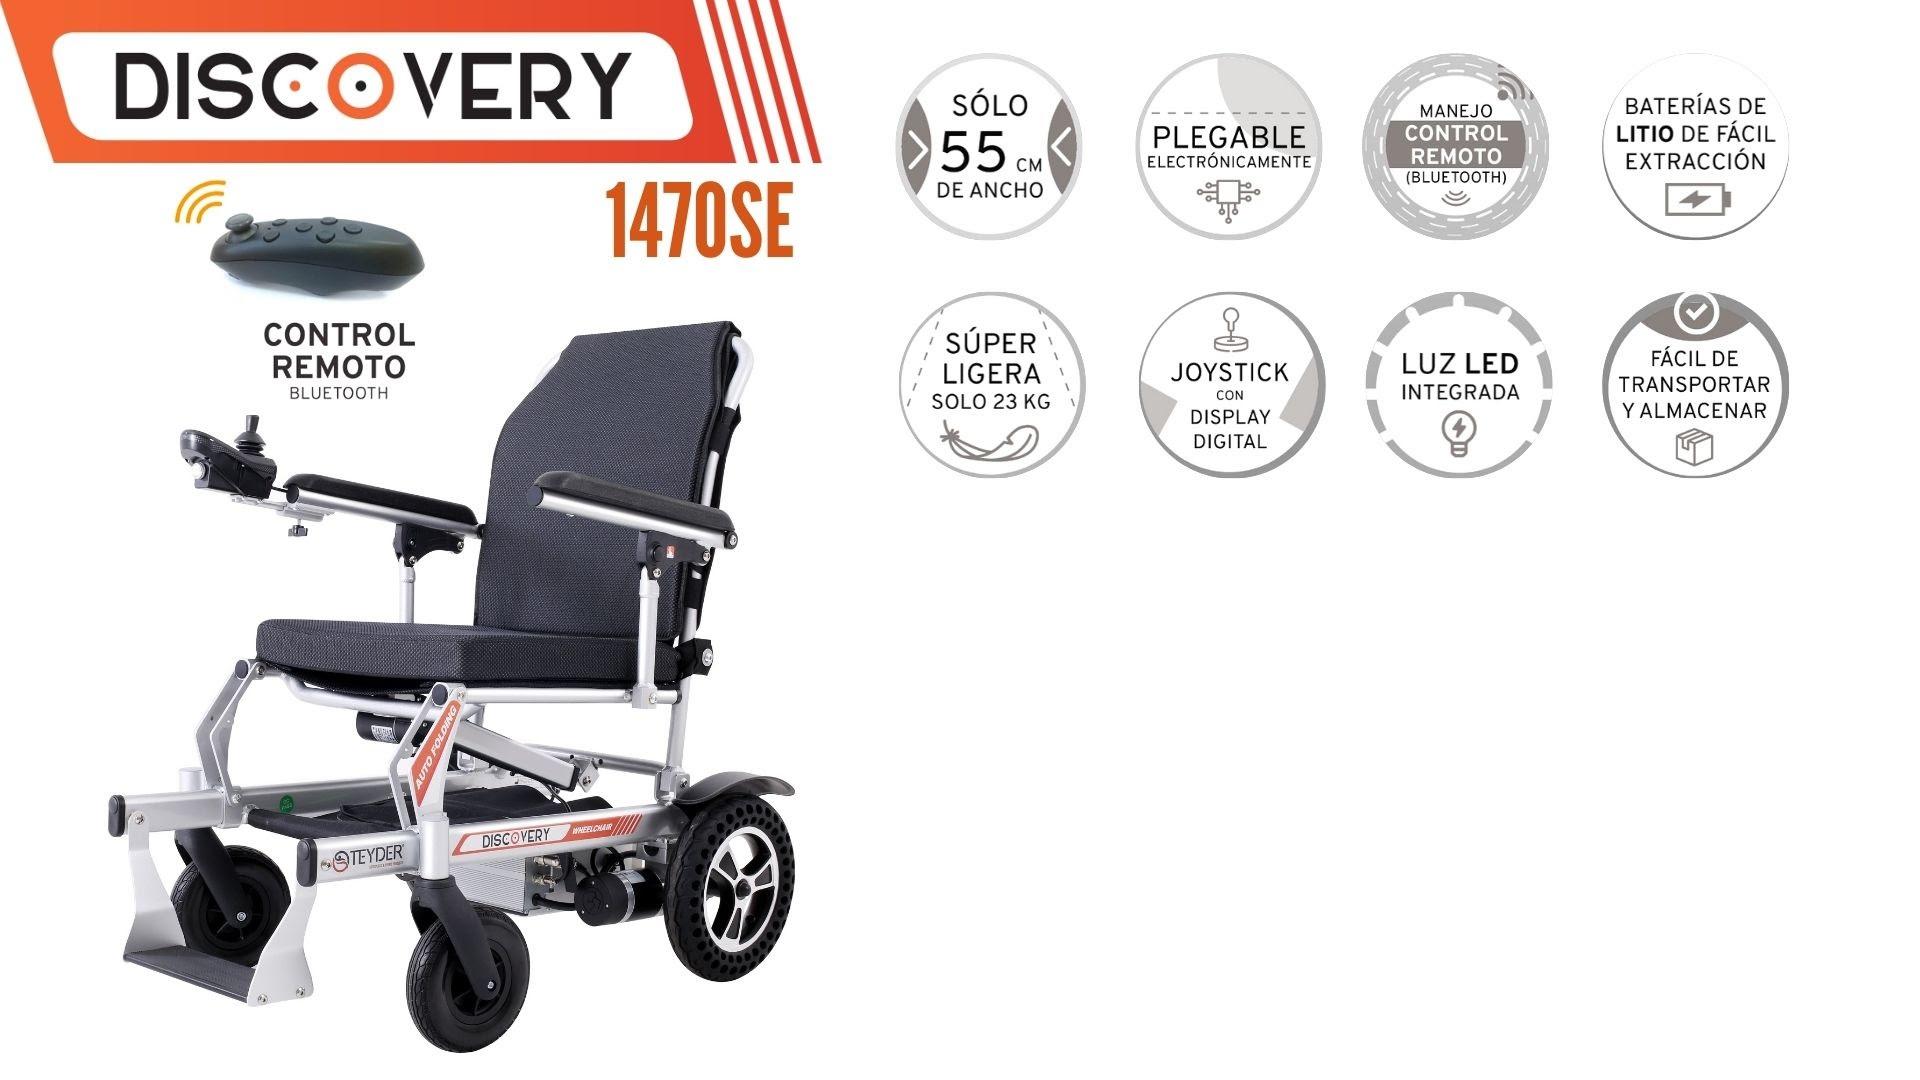 Silla de ruedas electrica plegable con mando a distancia Discovery_features